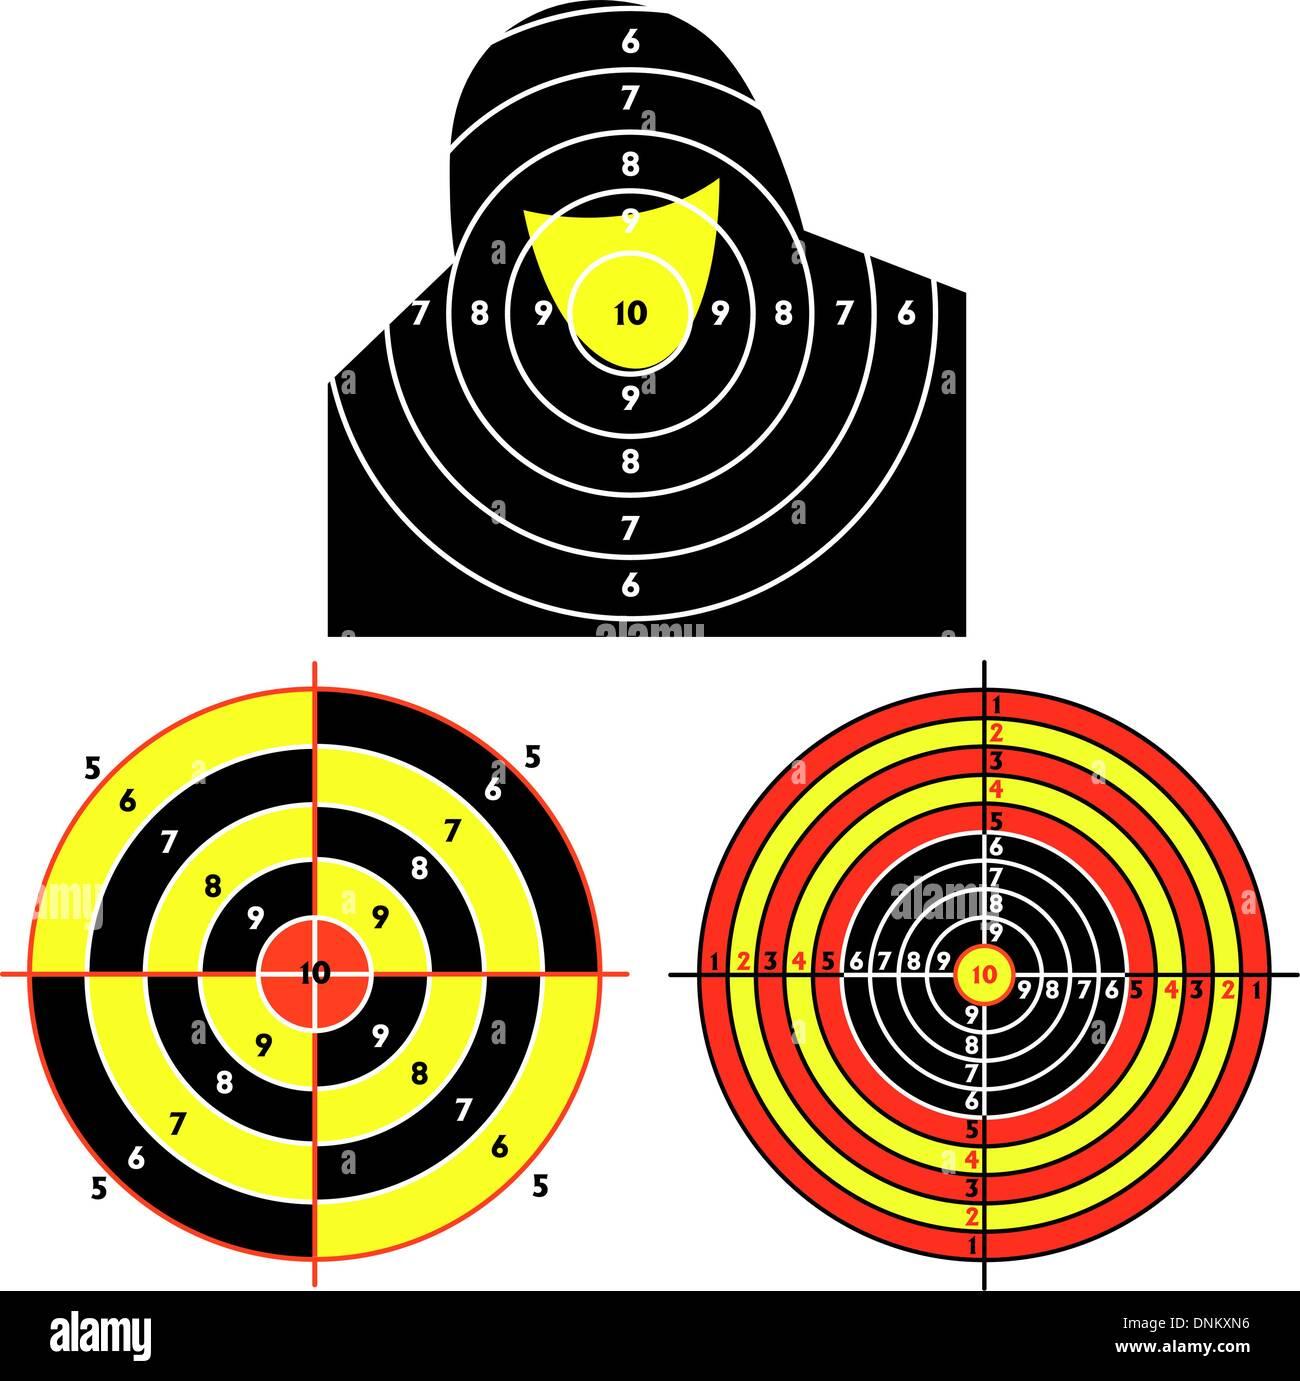 Fissare obiettivi pratici per riprese a pistola, esercizio. Illustrazione Vettoriale Immagini Stock